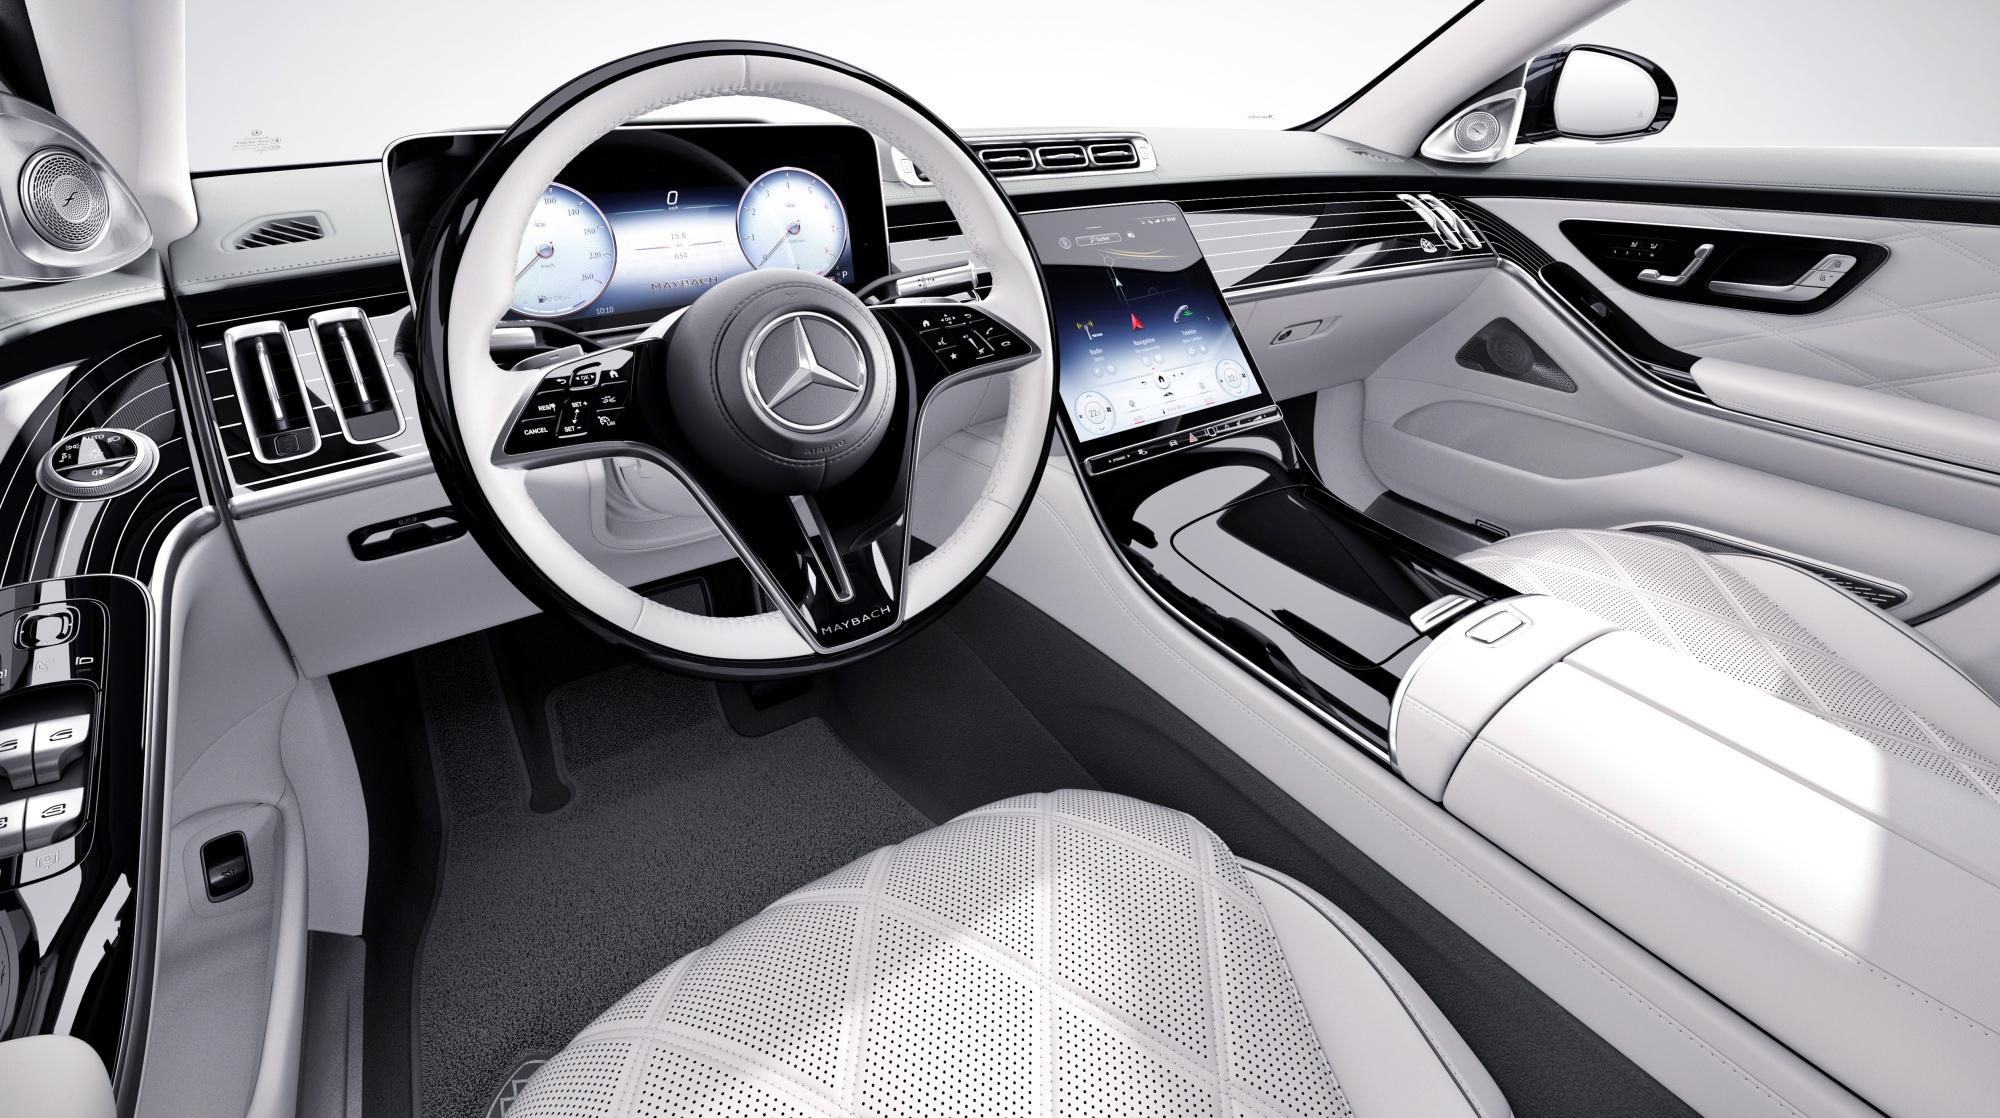 Mercedes-Maybach klasy S deska